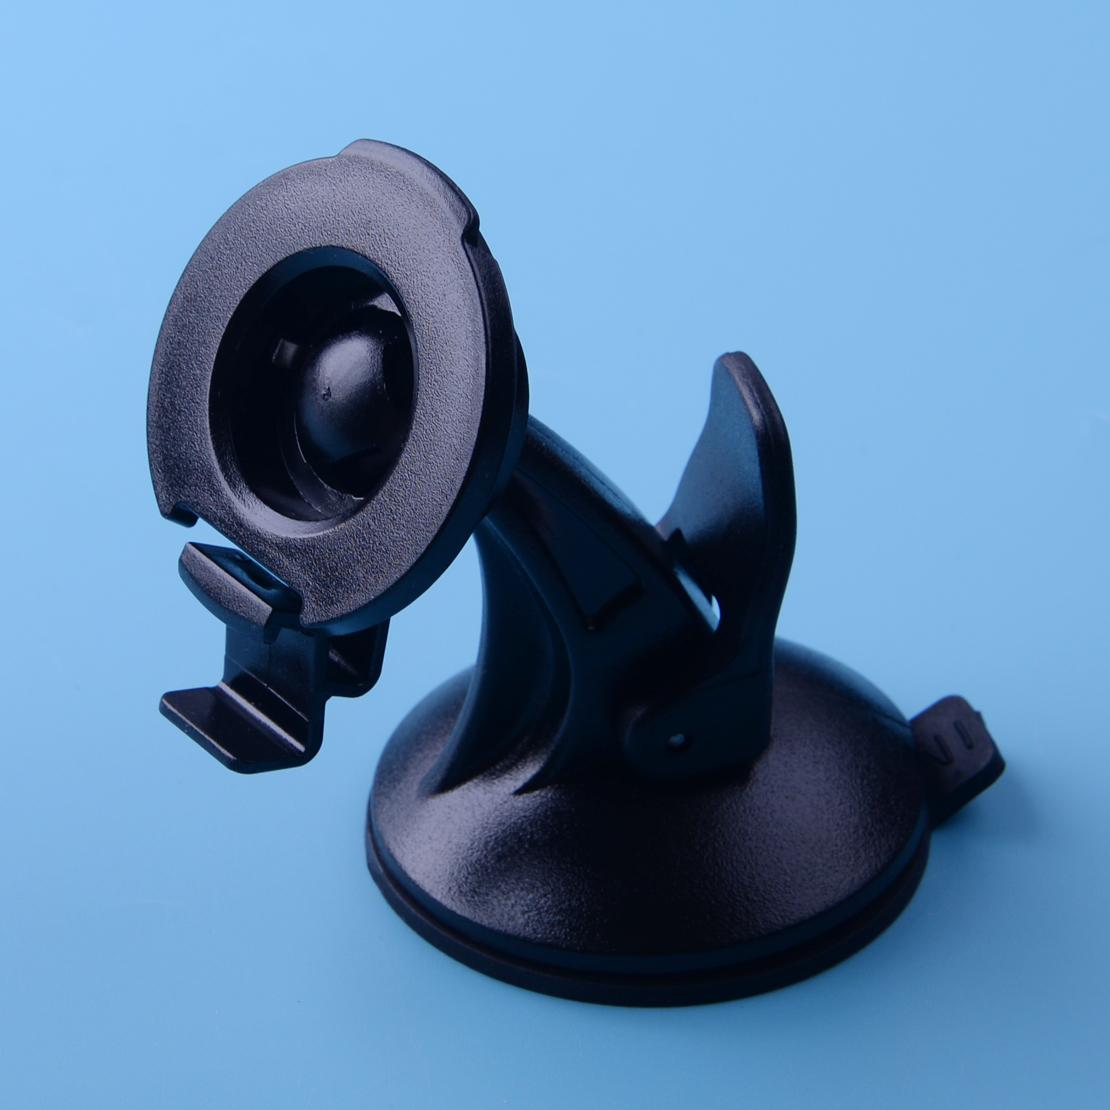 Bracket Holder Clip Cradle for Garmin Nuvi 2457 2458 2459 2497 2557 2577 LMT